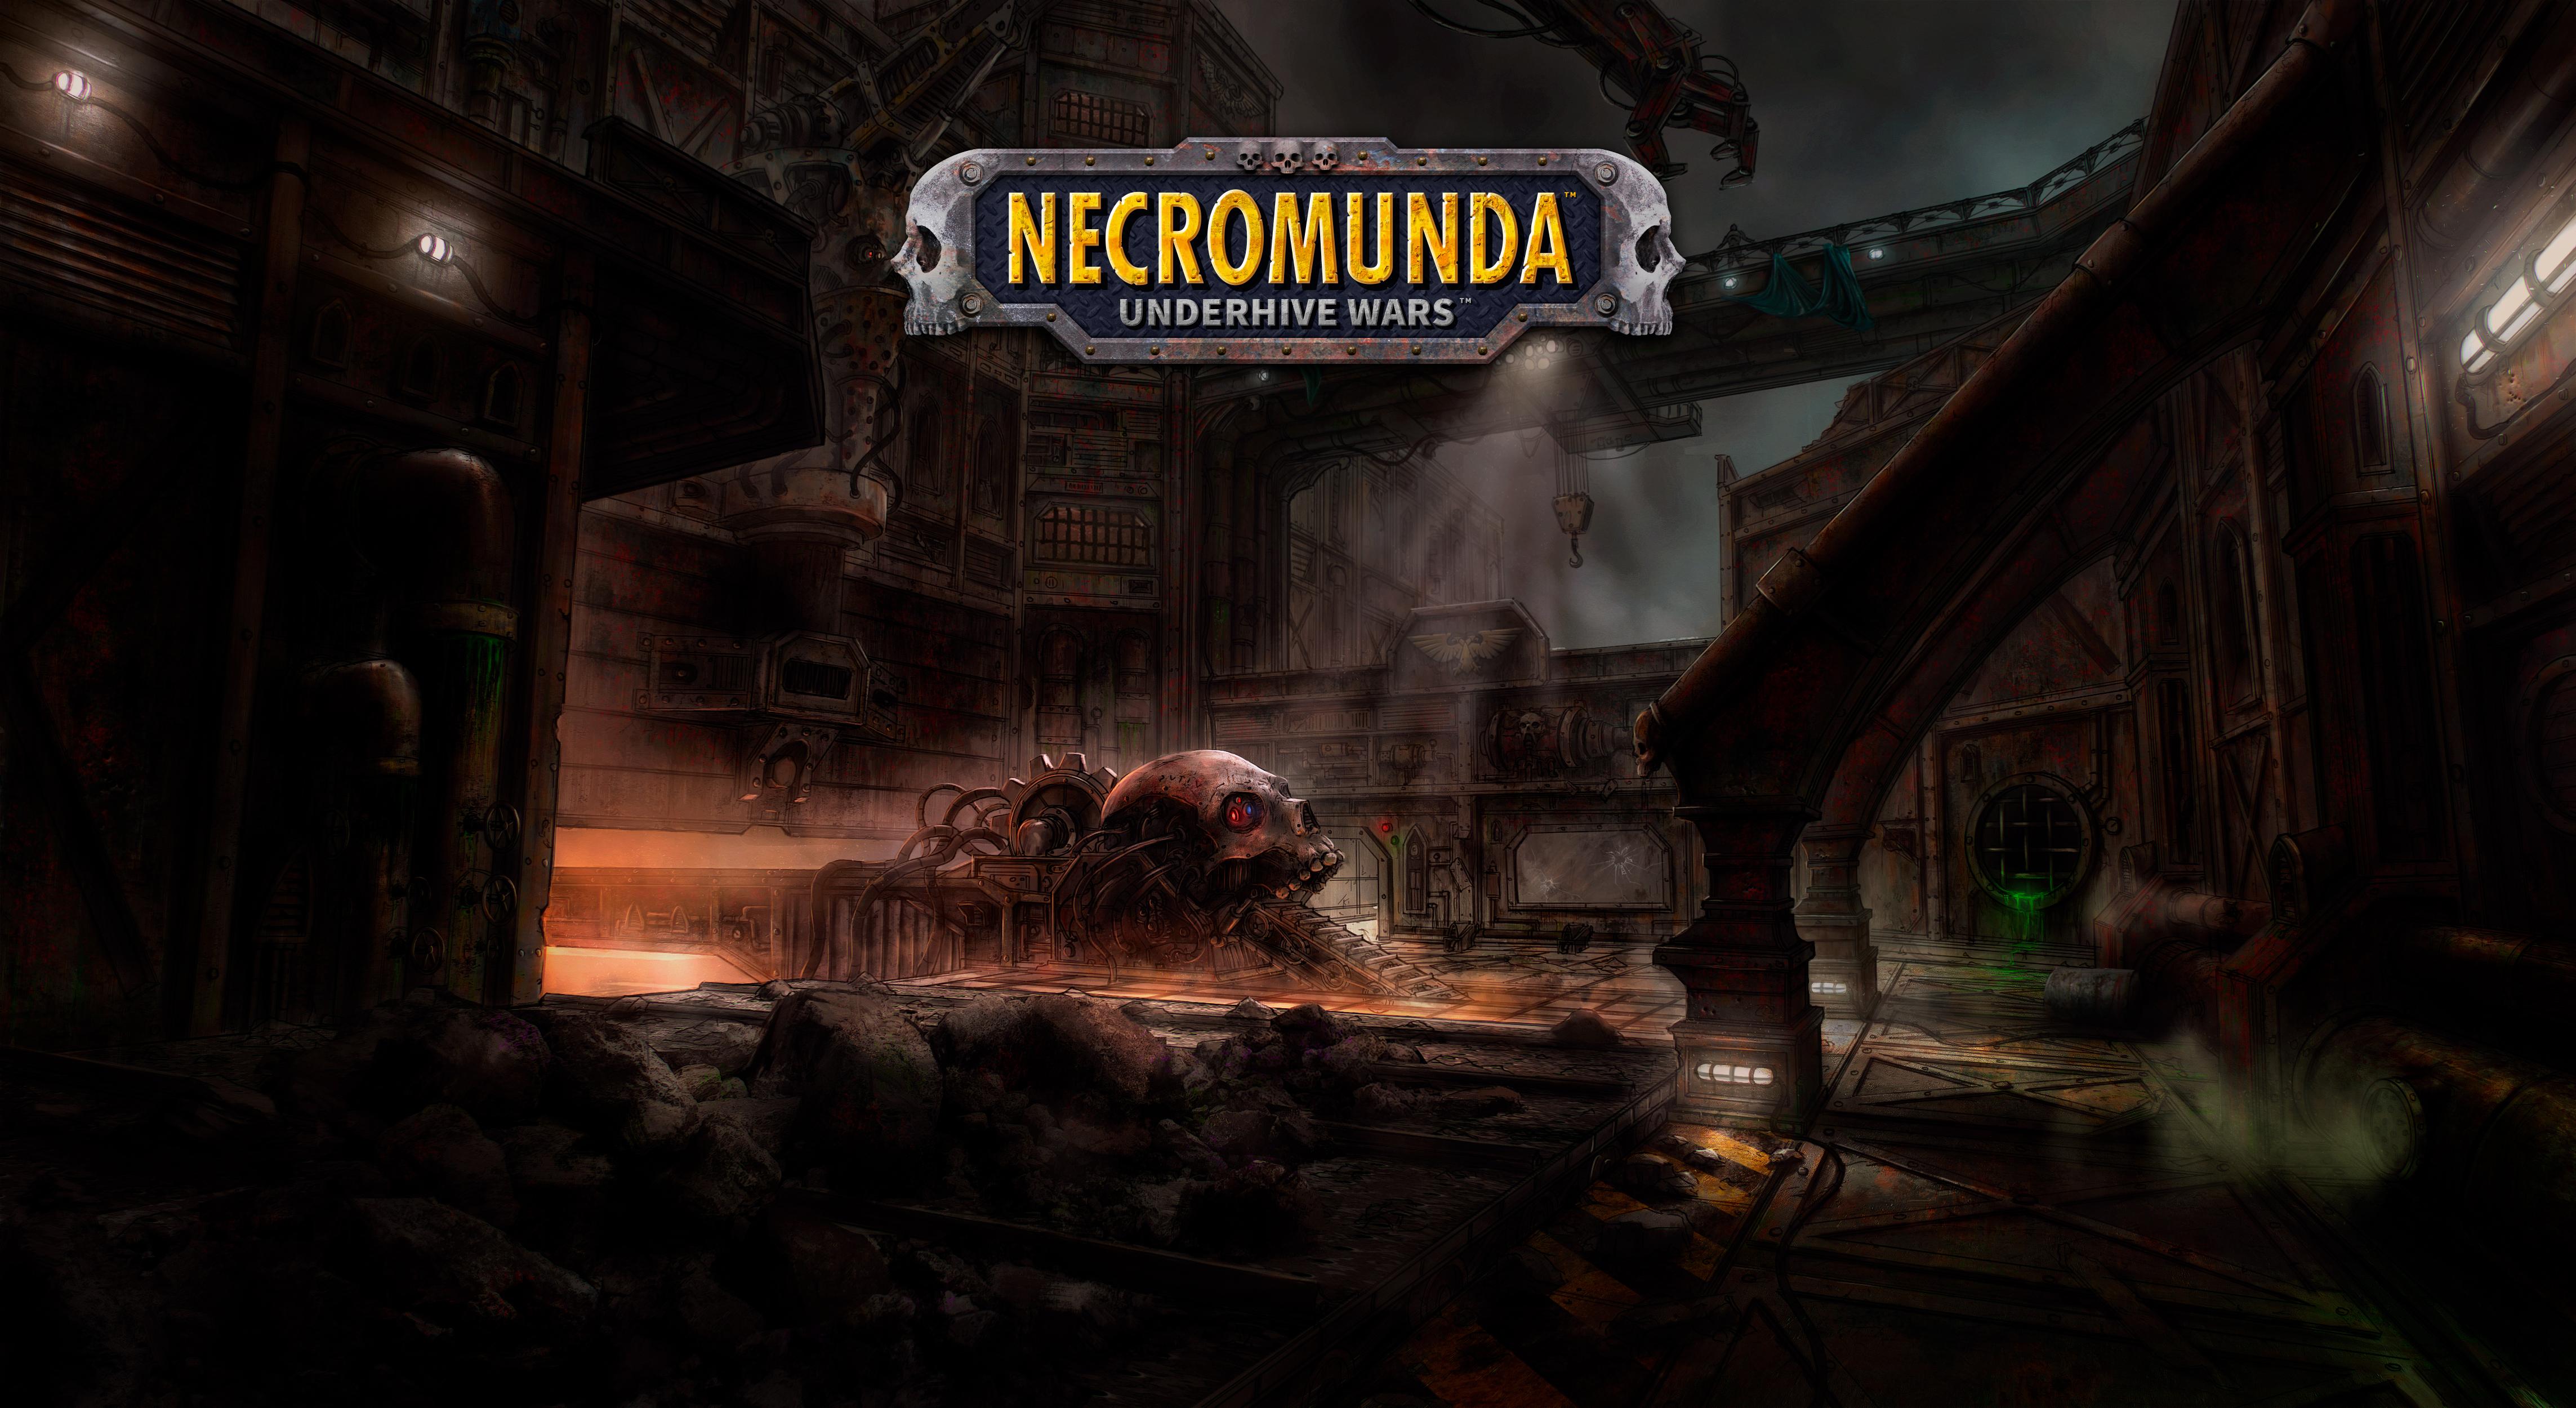 Necromunda je taktické tahové RPG ze světa Warhammeru 40,000 136722